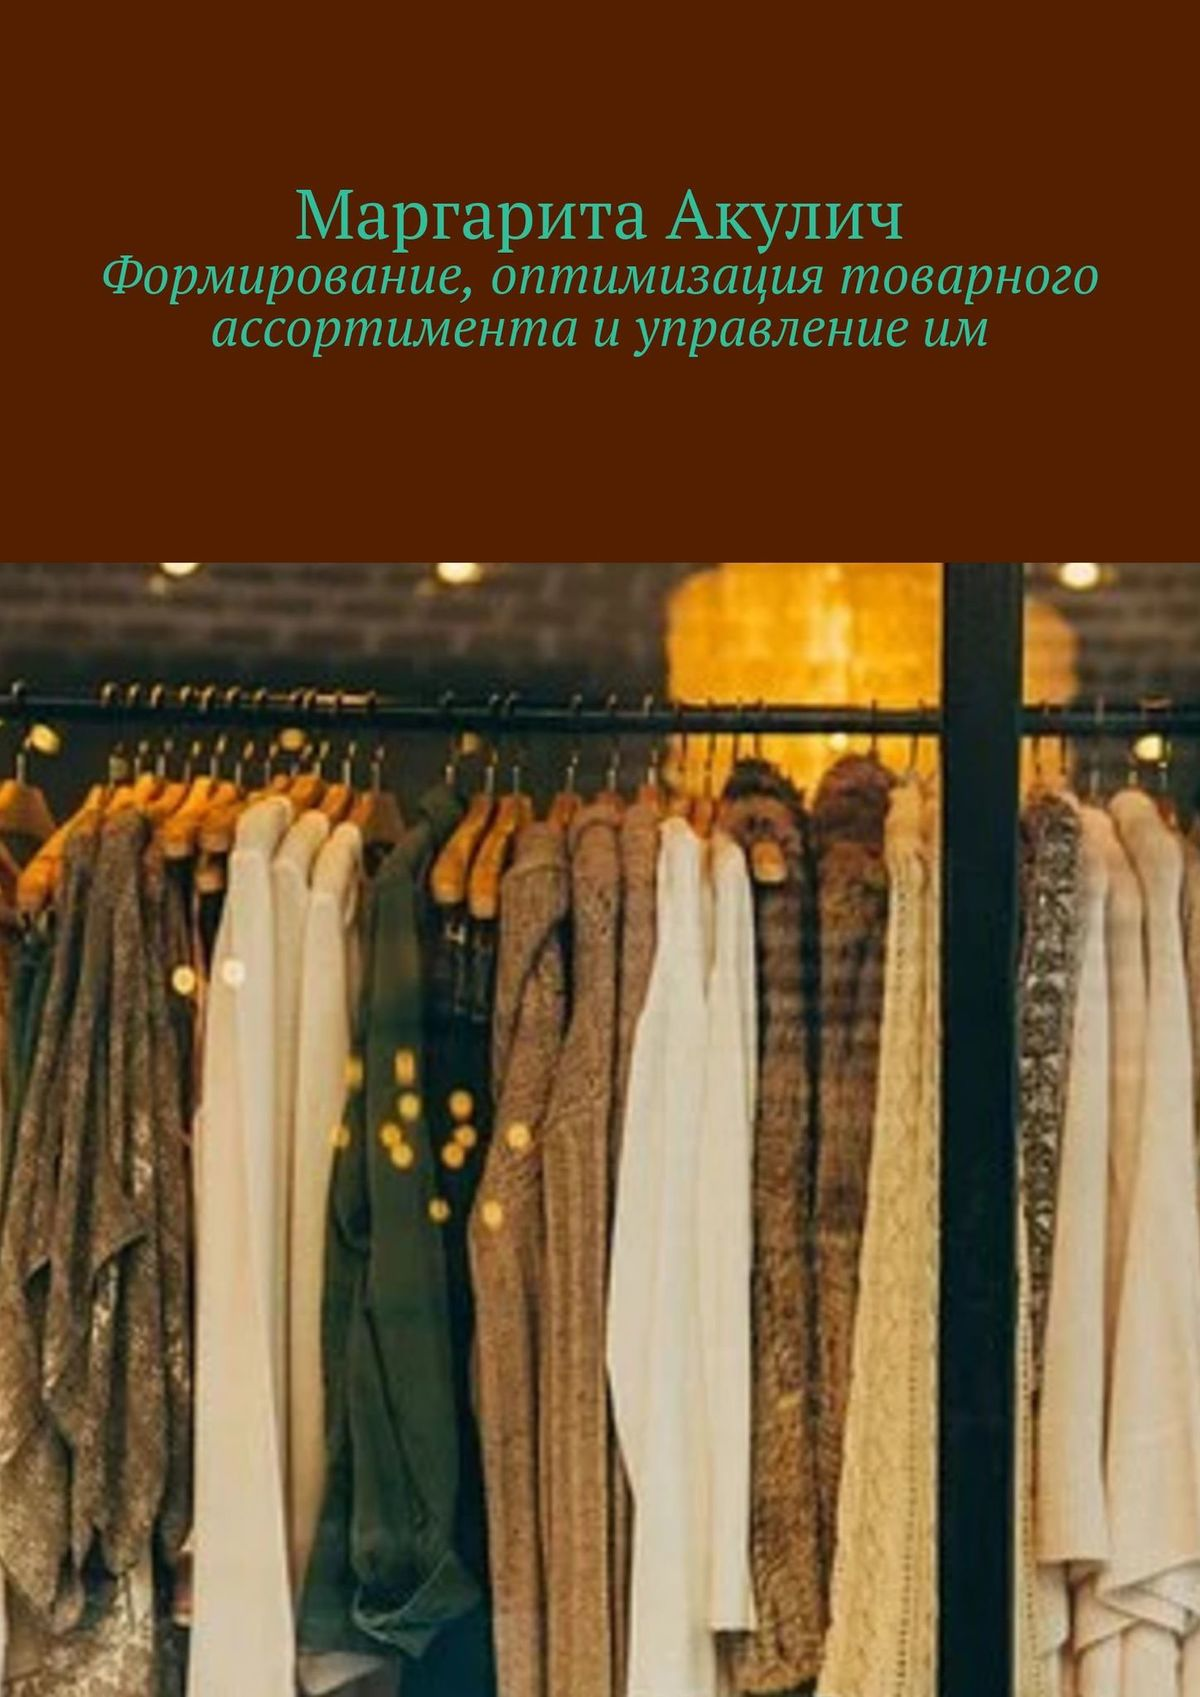 Маргарита Акулич Формирование, оптимизация товарного ассортимента и управление им. Предприятия розничной торговли, интернет-магазины